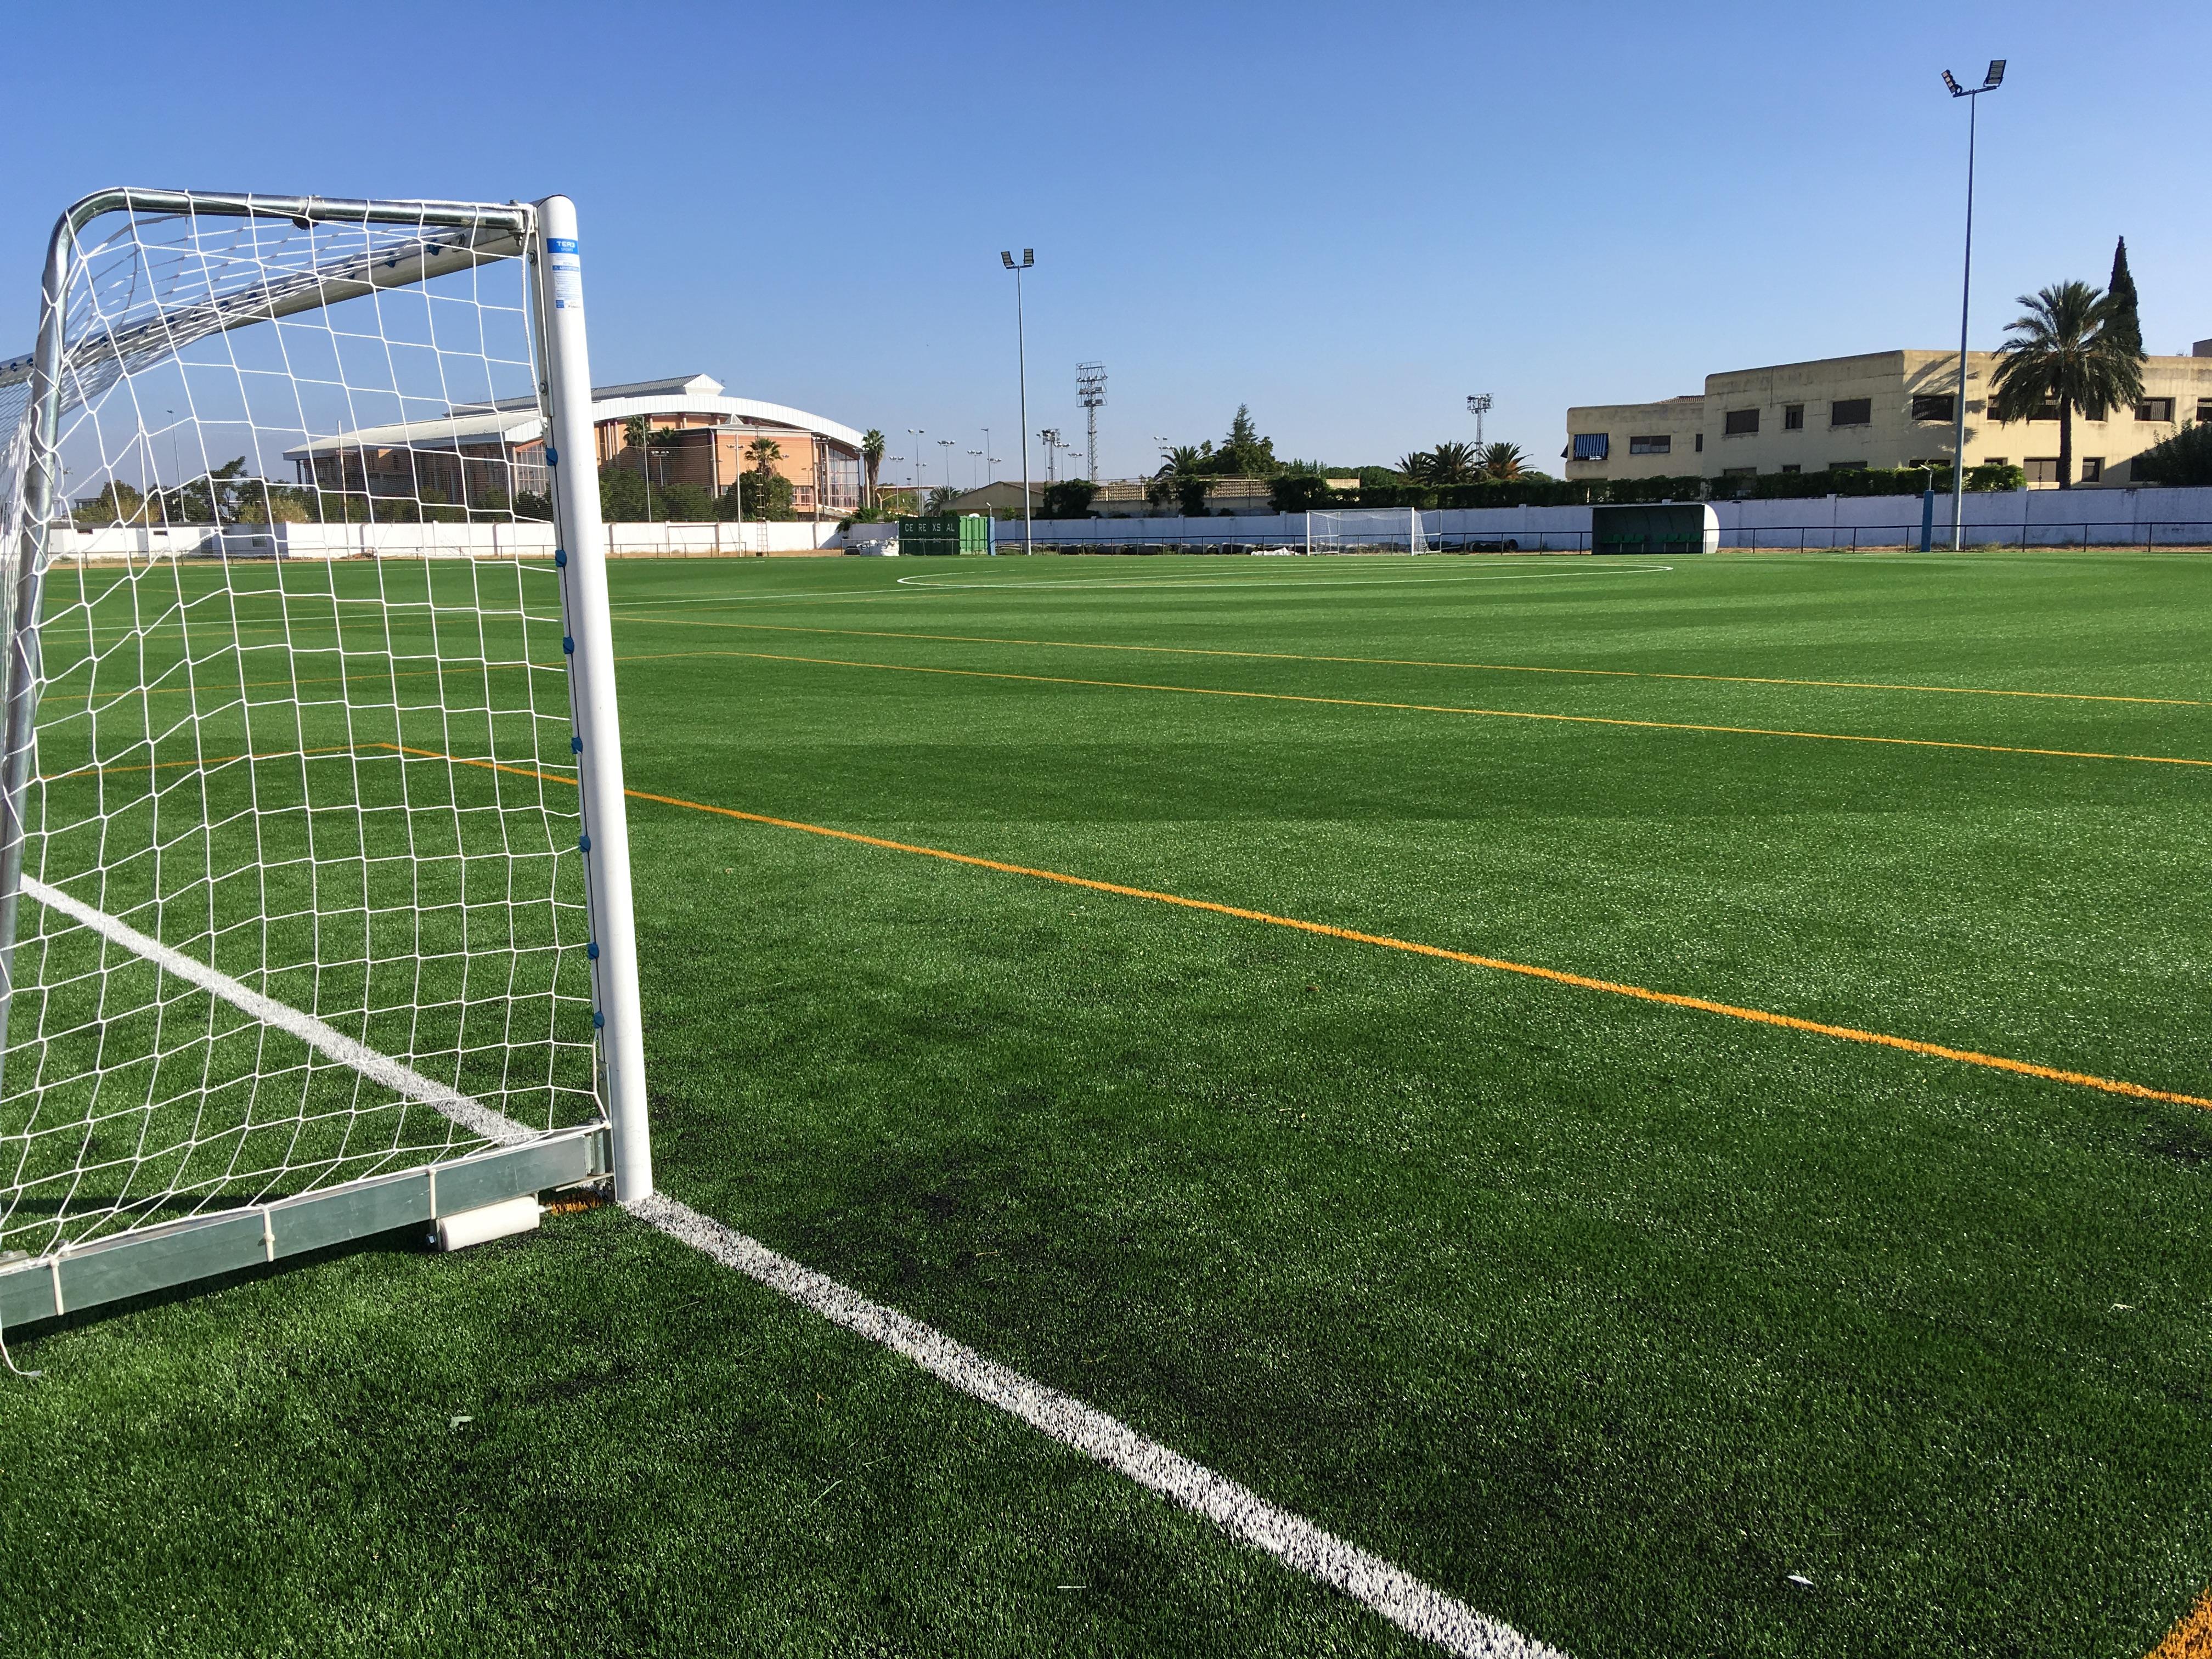 Campo de la Federación Extremeña de Fútbol, Badajoz Image